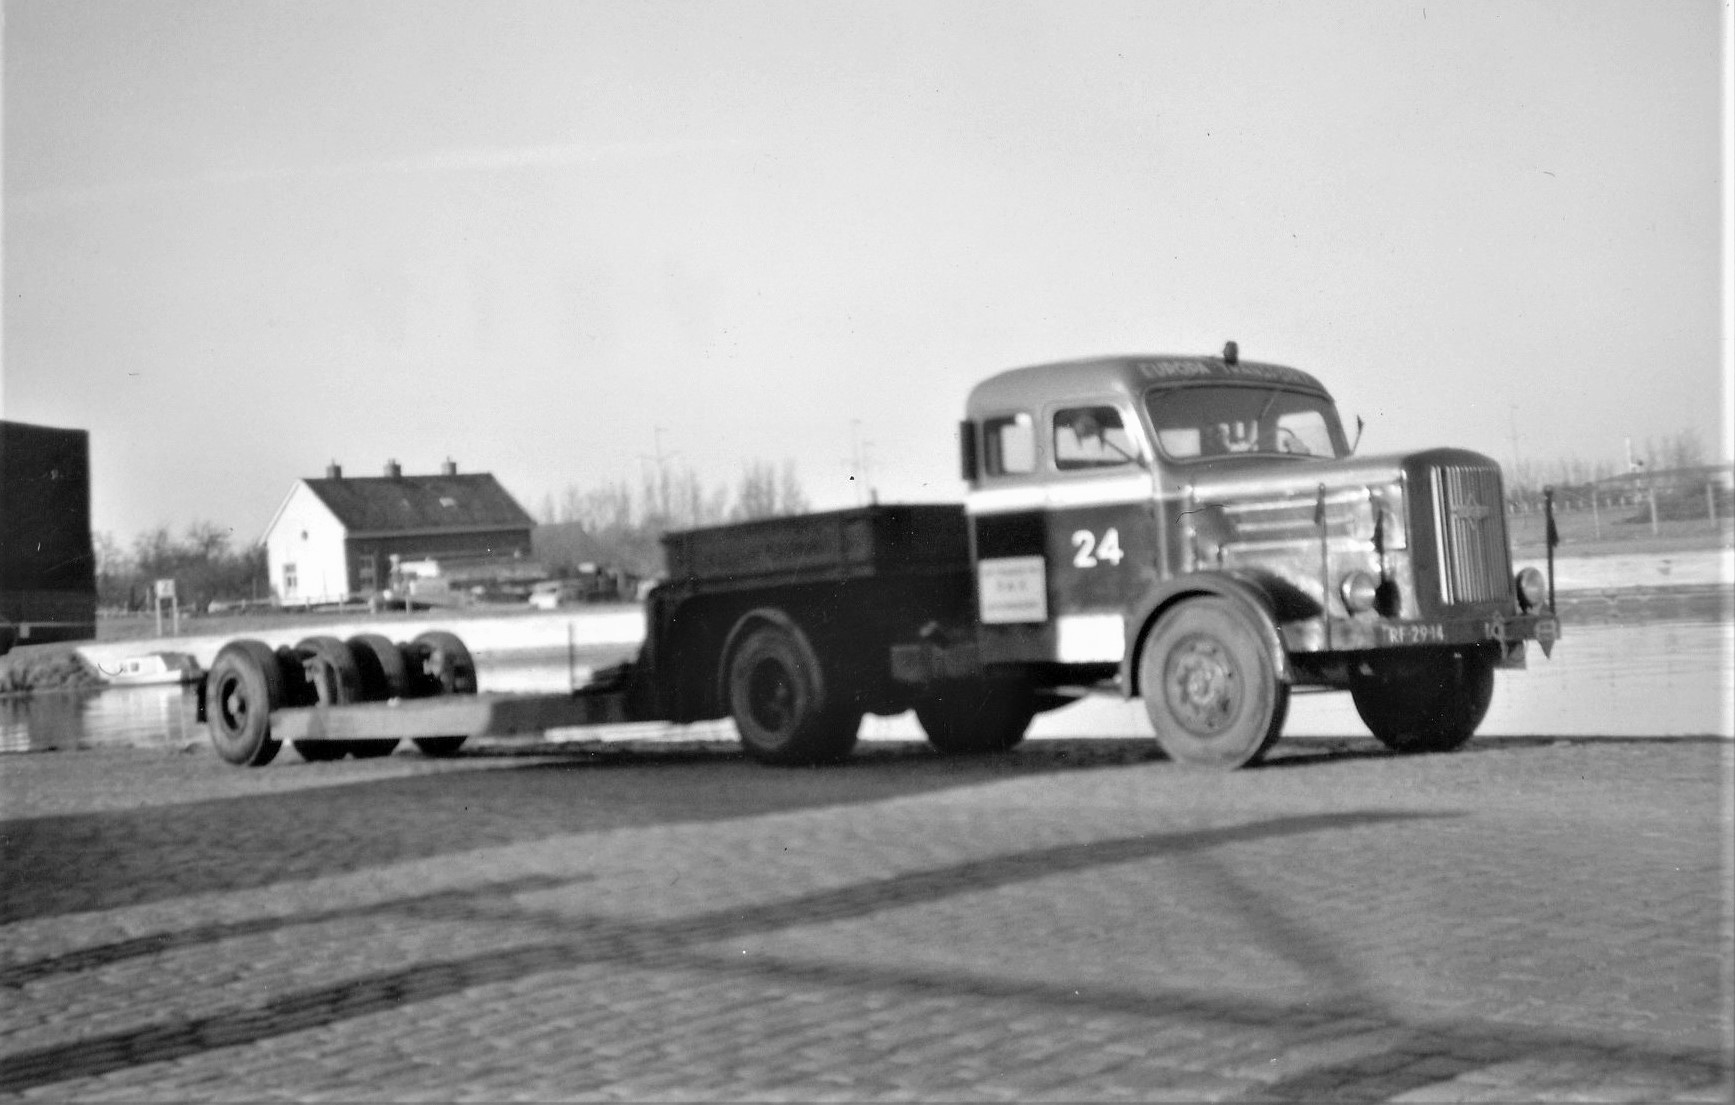 Hogra-1954-1955-samen-stelling-van-de-achternamen-van-Dhr-Hoek-en-de-finacier-Mvr-Gravelaar--9